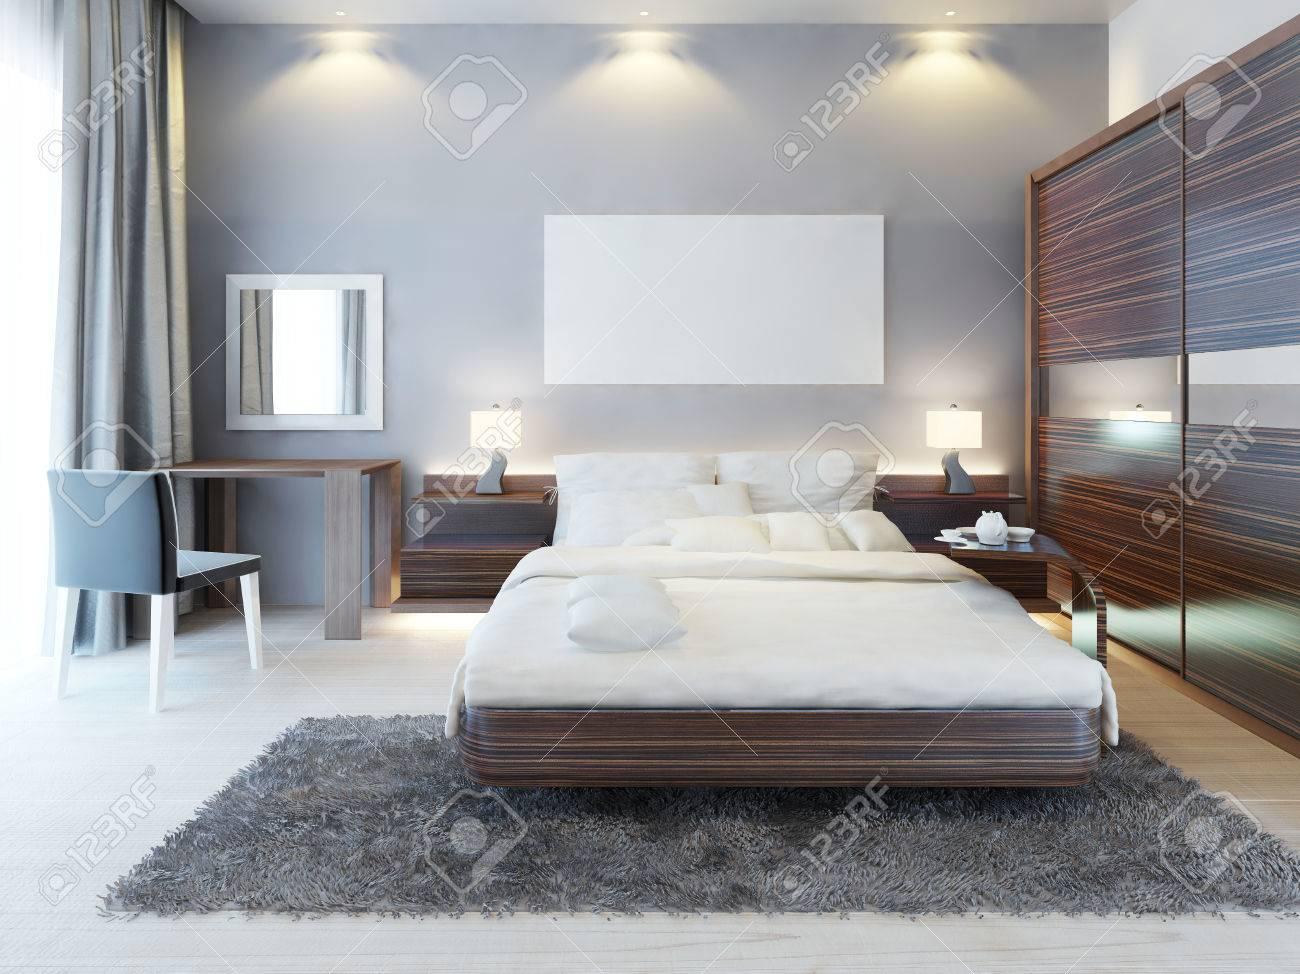 vue de face de la chambre a coucher dans un style moderne un grand lit une coiffeuse avec une chaise et un grand placard coulissant au dessus du